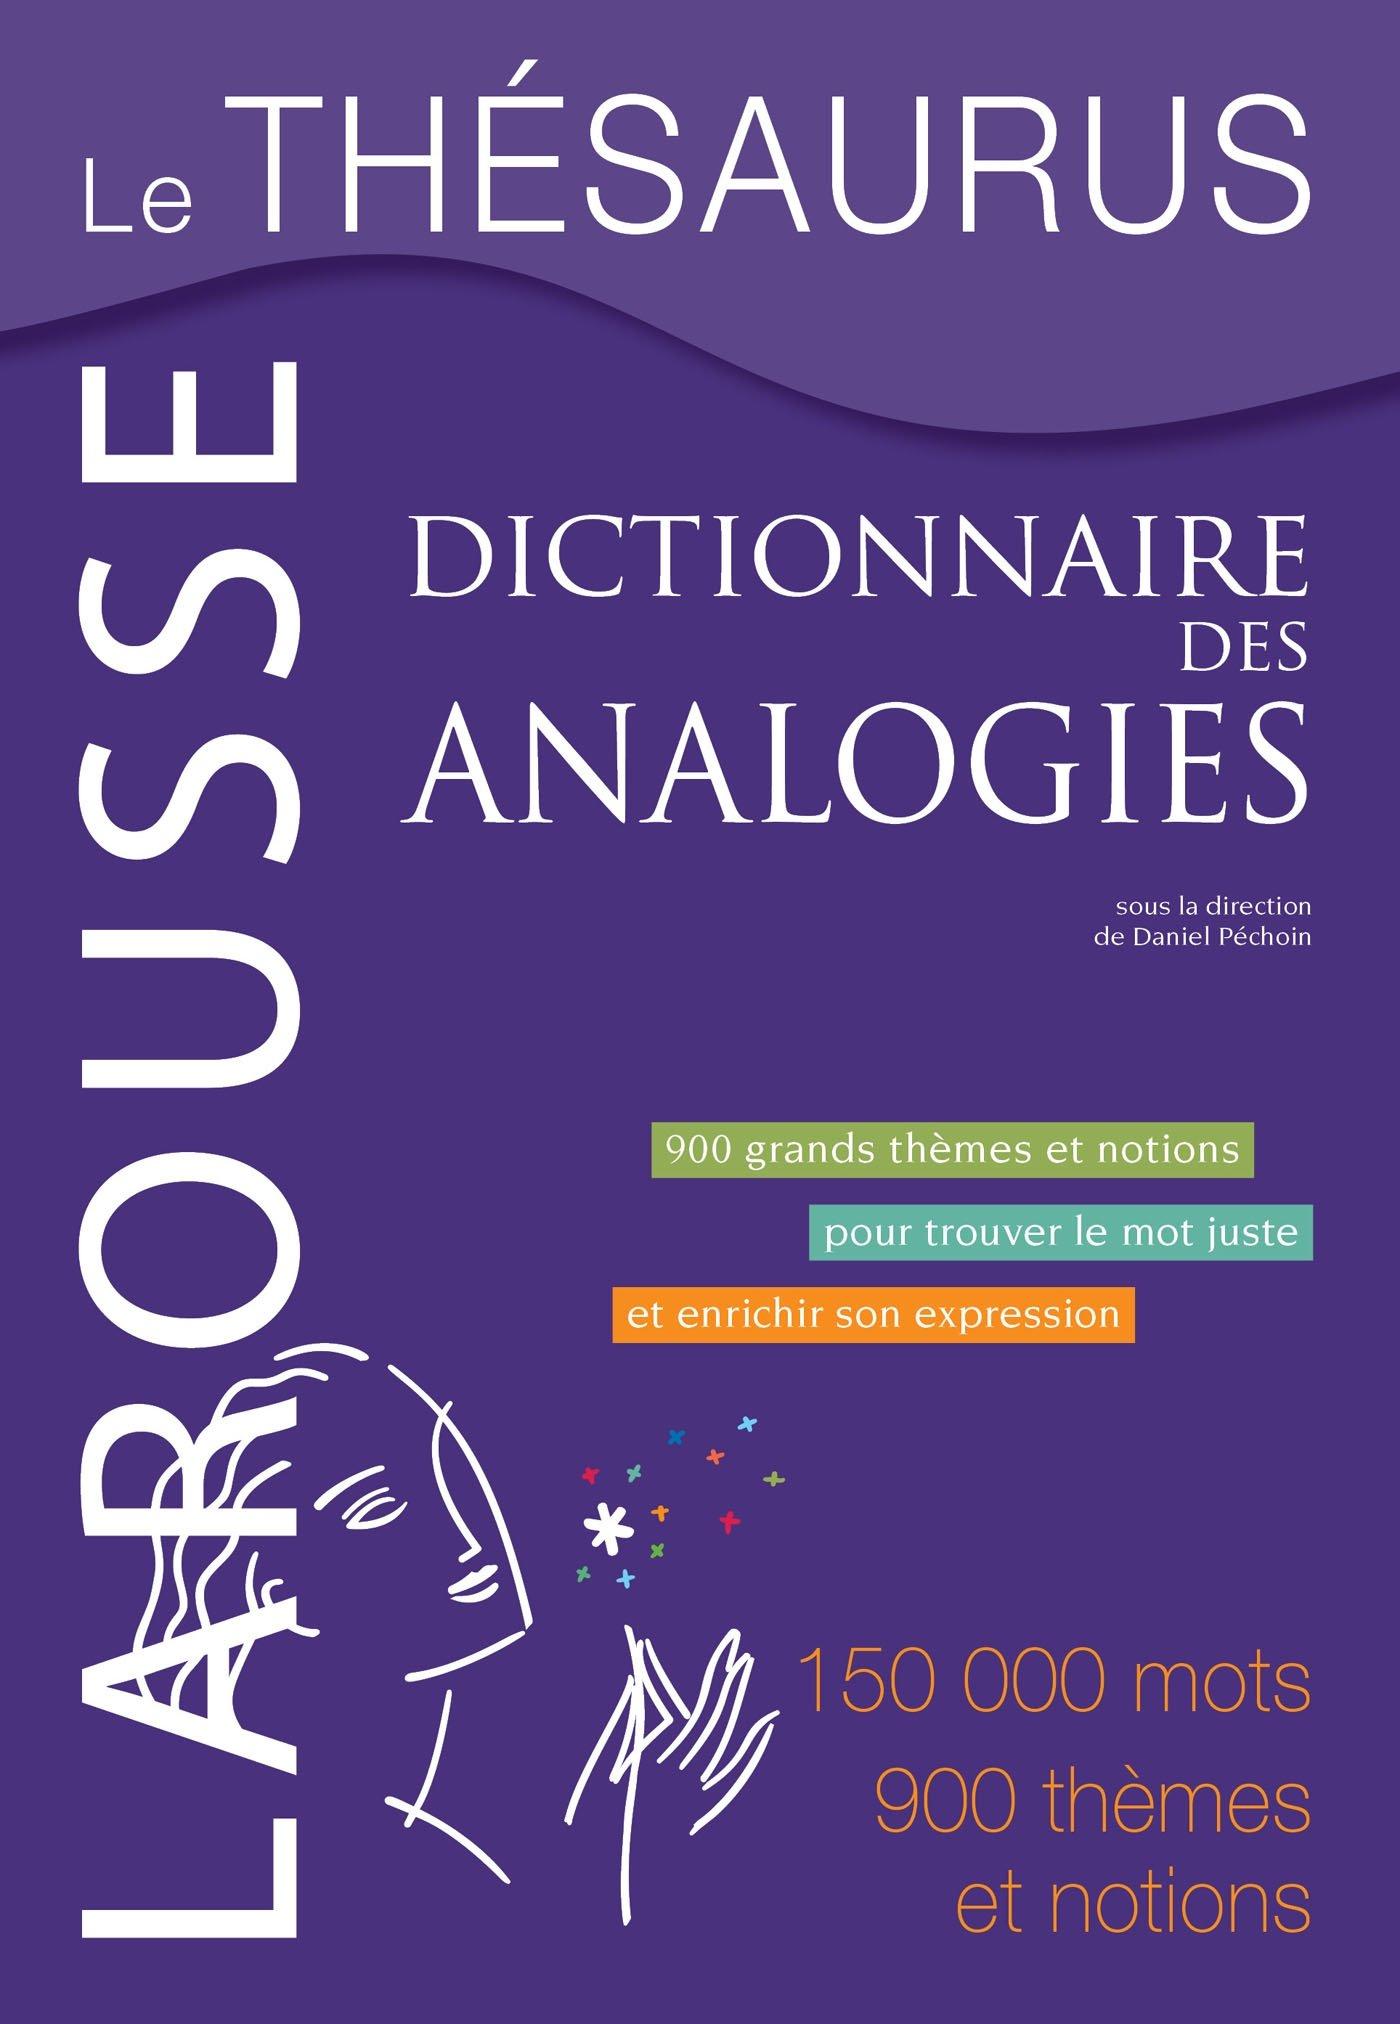 Le Thésaurus - Dictionnaire des Analogies Relié – 10 septembre 2014 Daniel Péchoin Larousse 2035903882 Encyclopedies